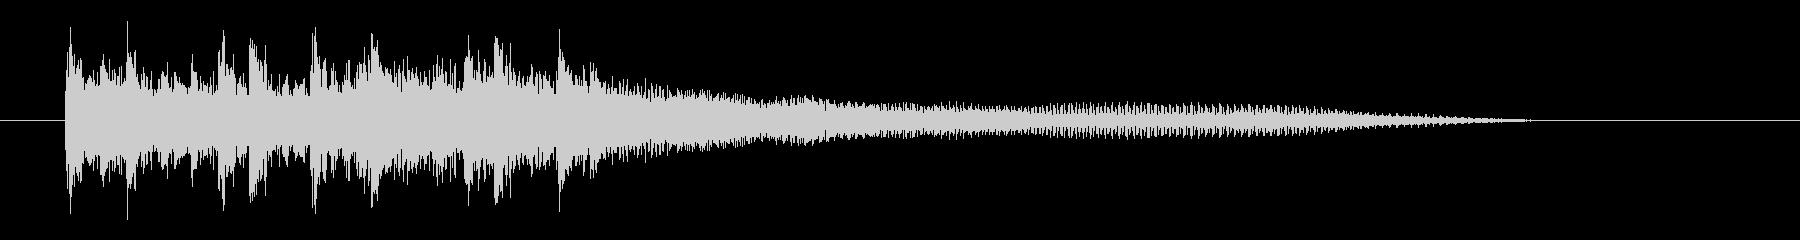 スピード感あるロックなエレキジングルの未再生の波形